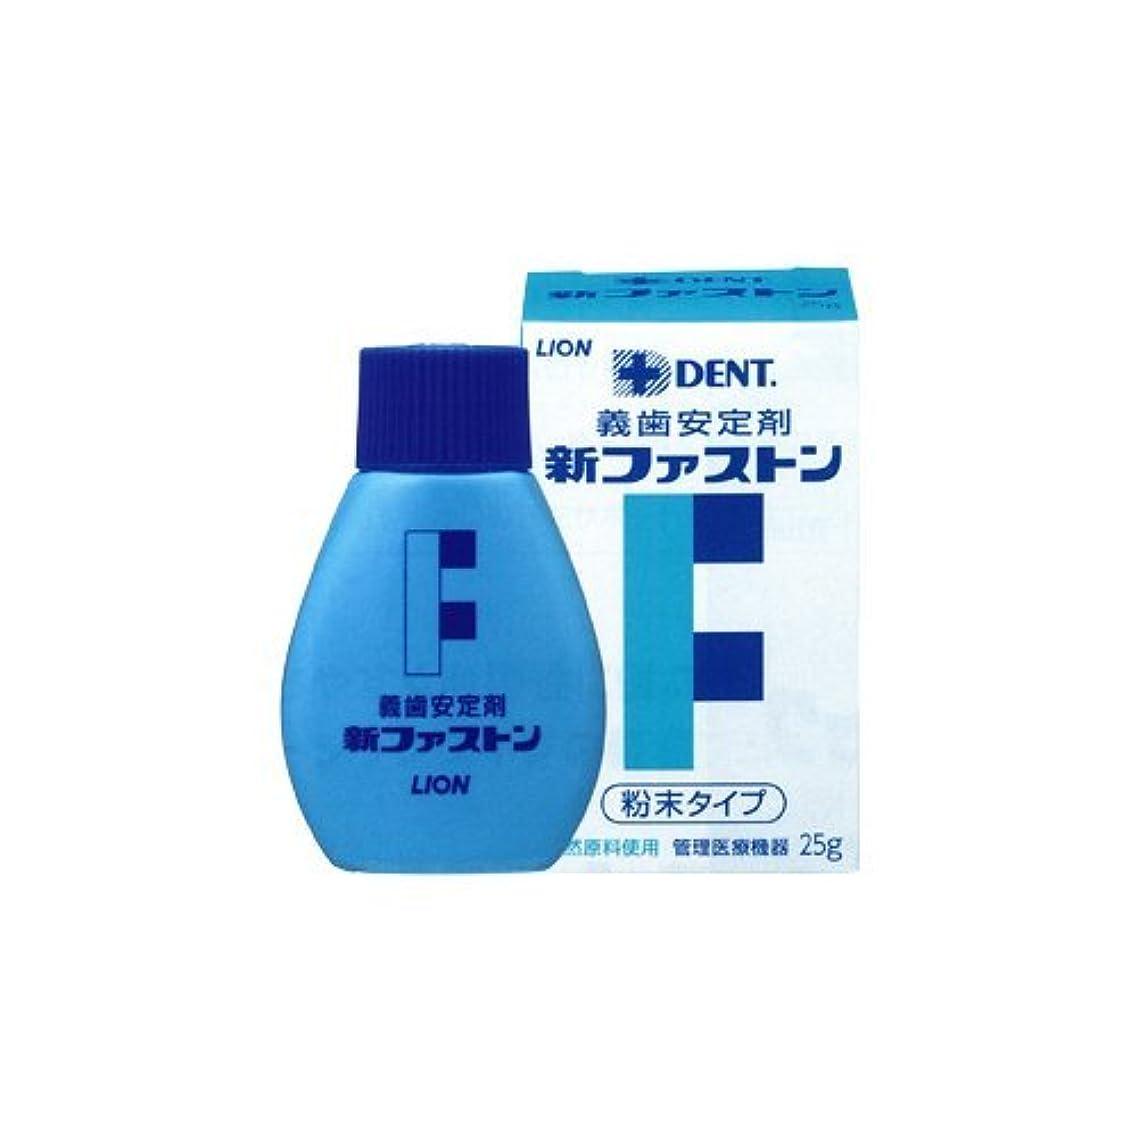 フライカイト公式変えるライオン 新ファストン 25g 義歯安定剤